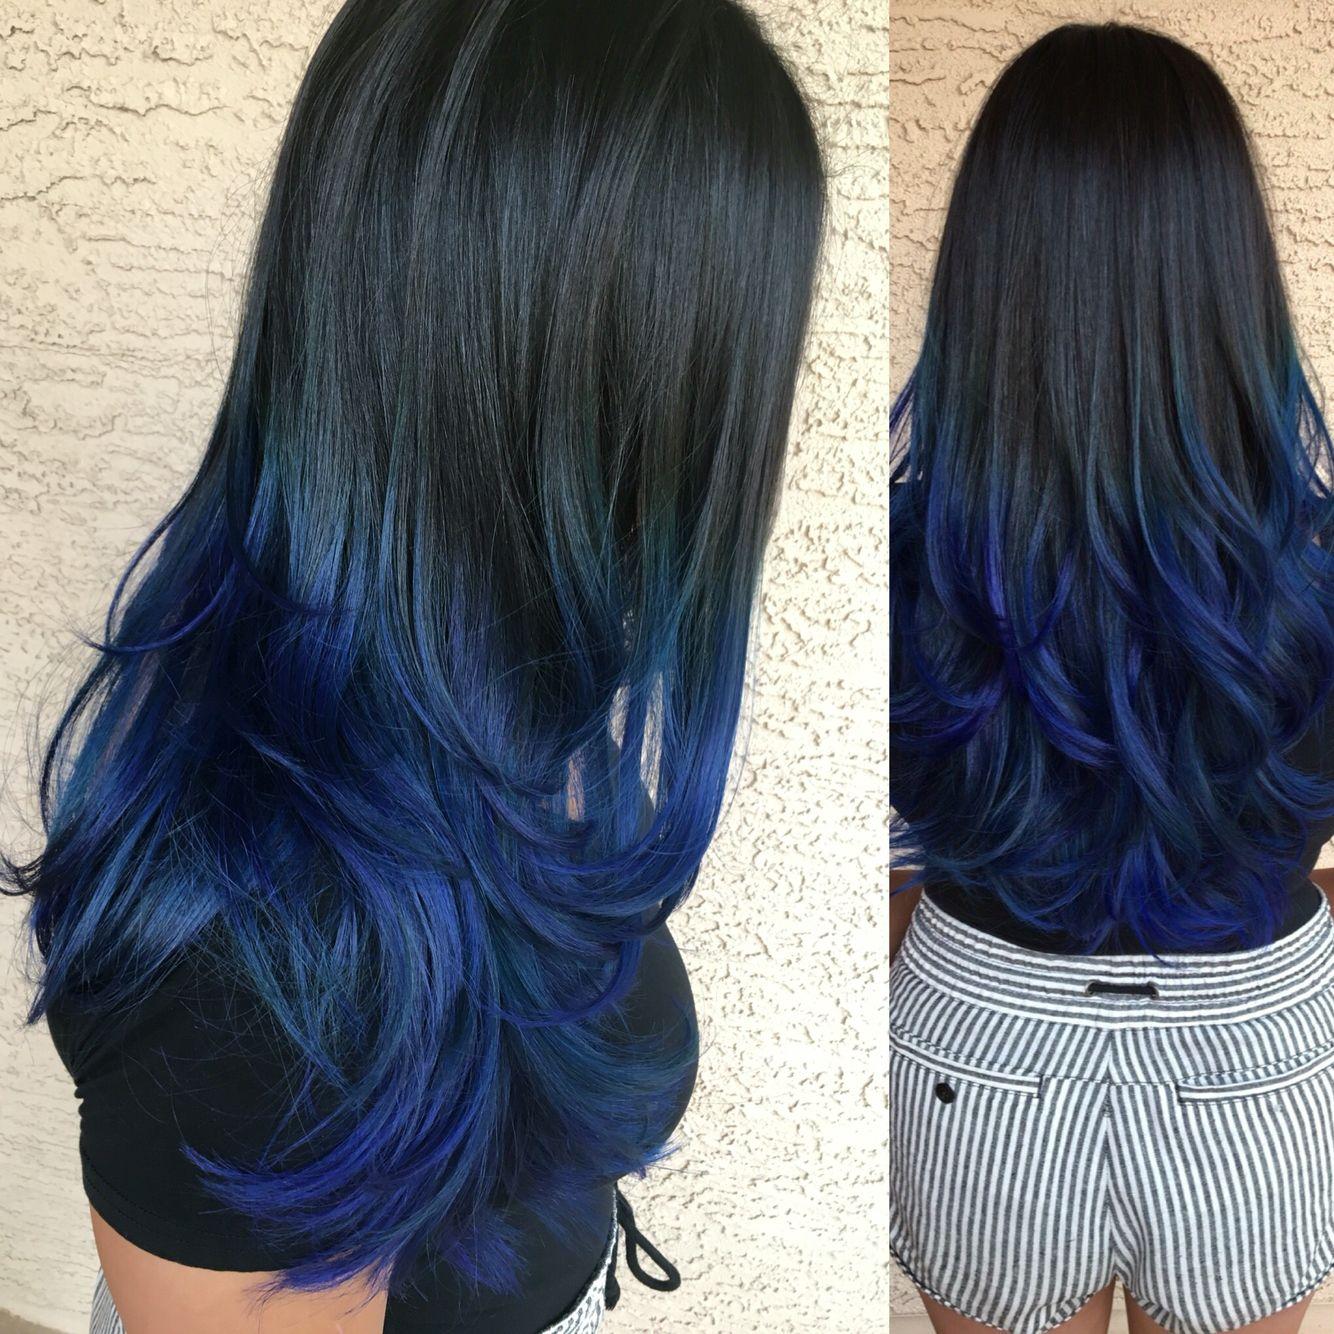 Black to blue ombre pelo de colores pinterest blue ombre